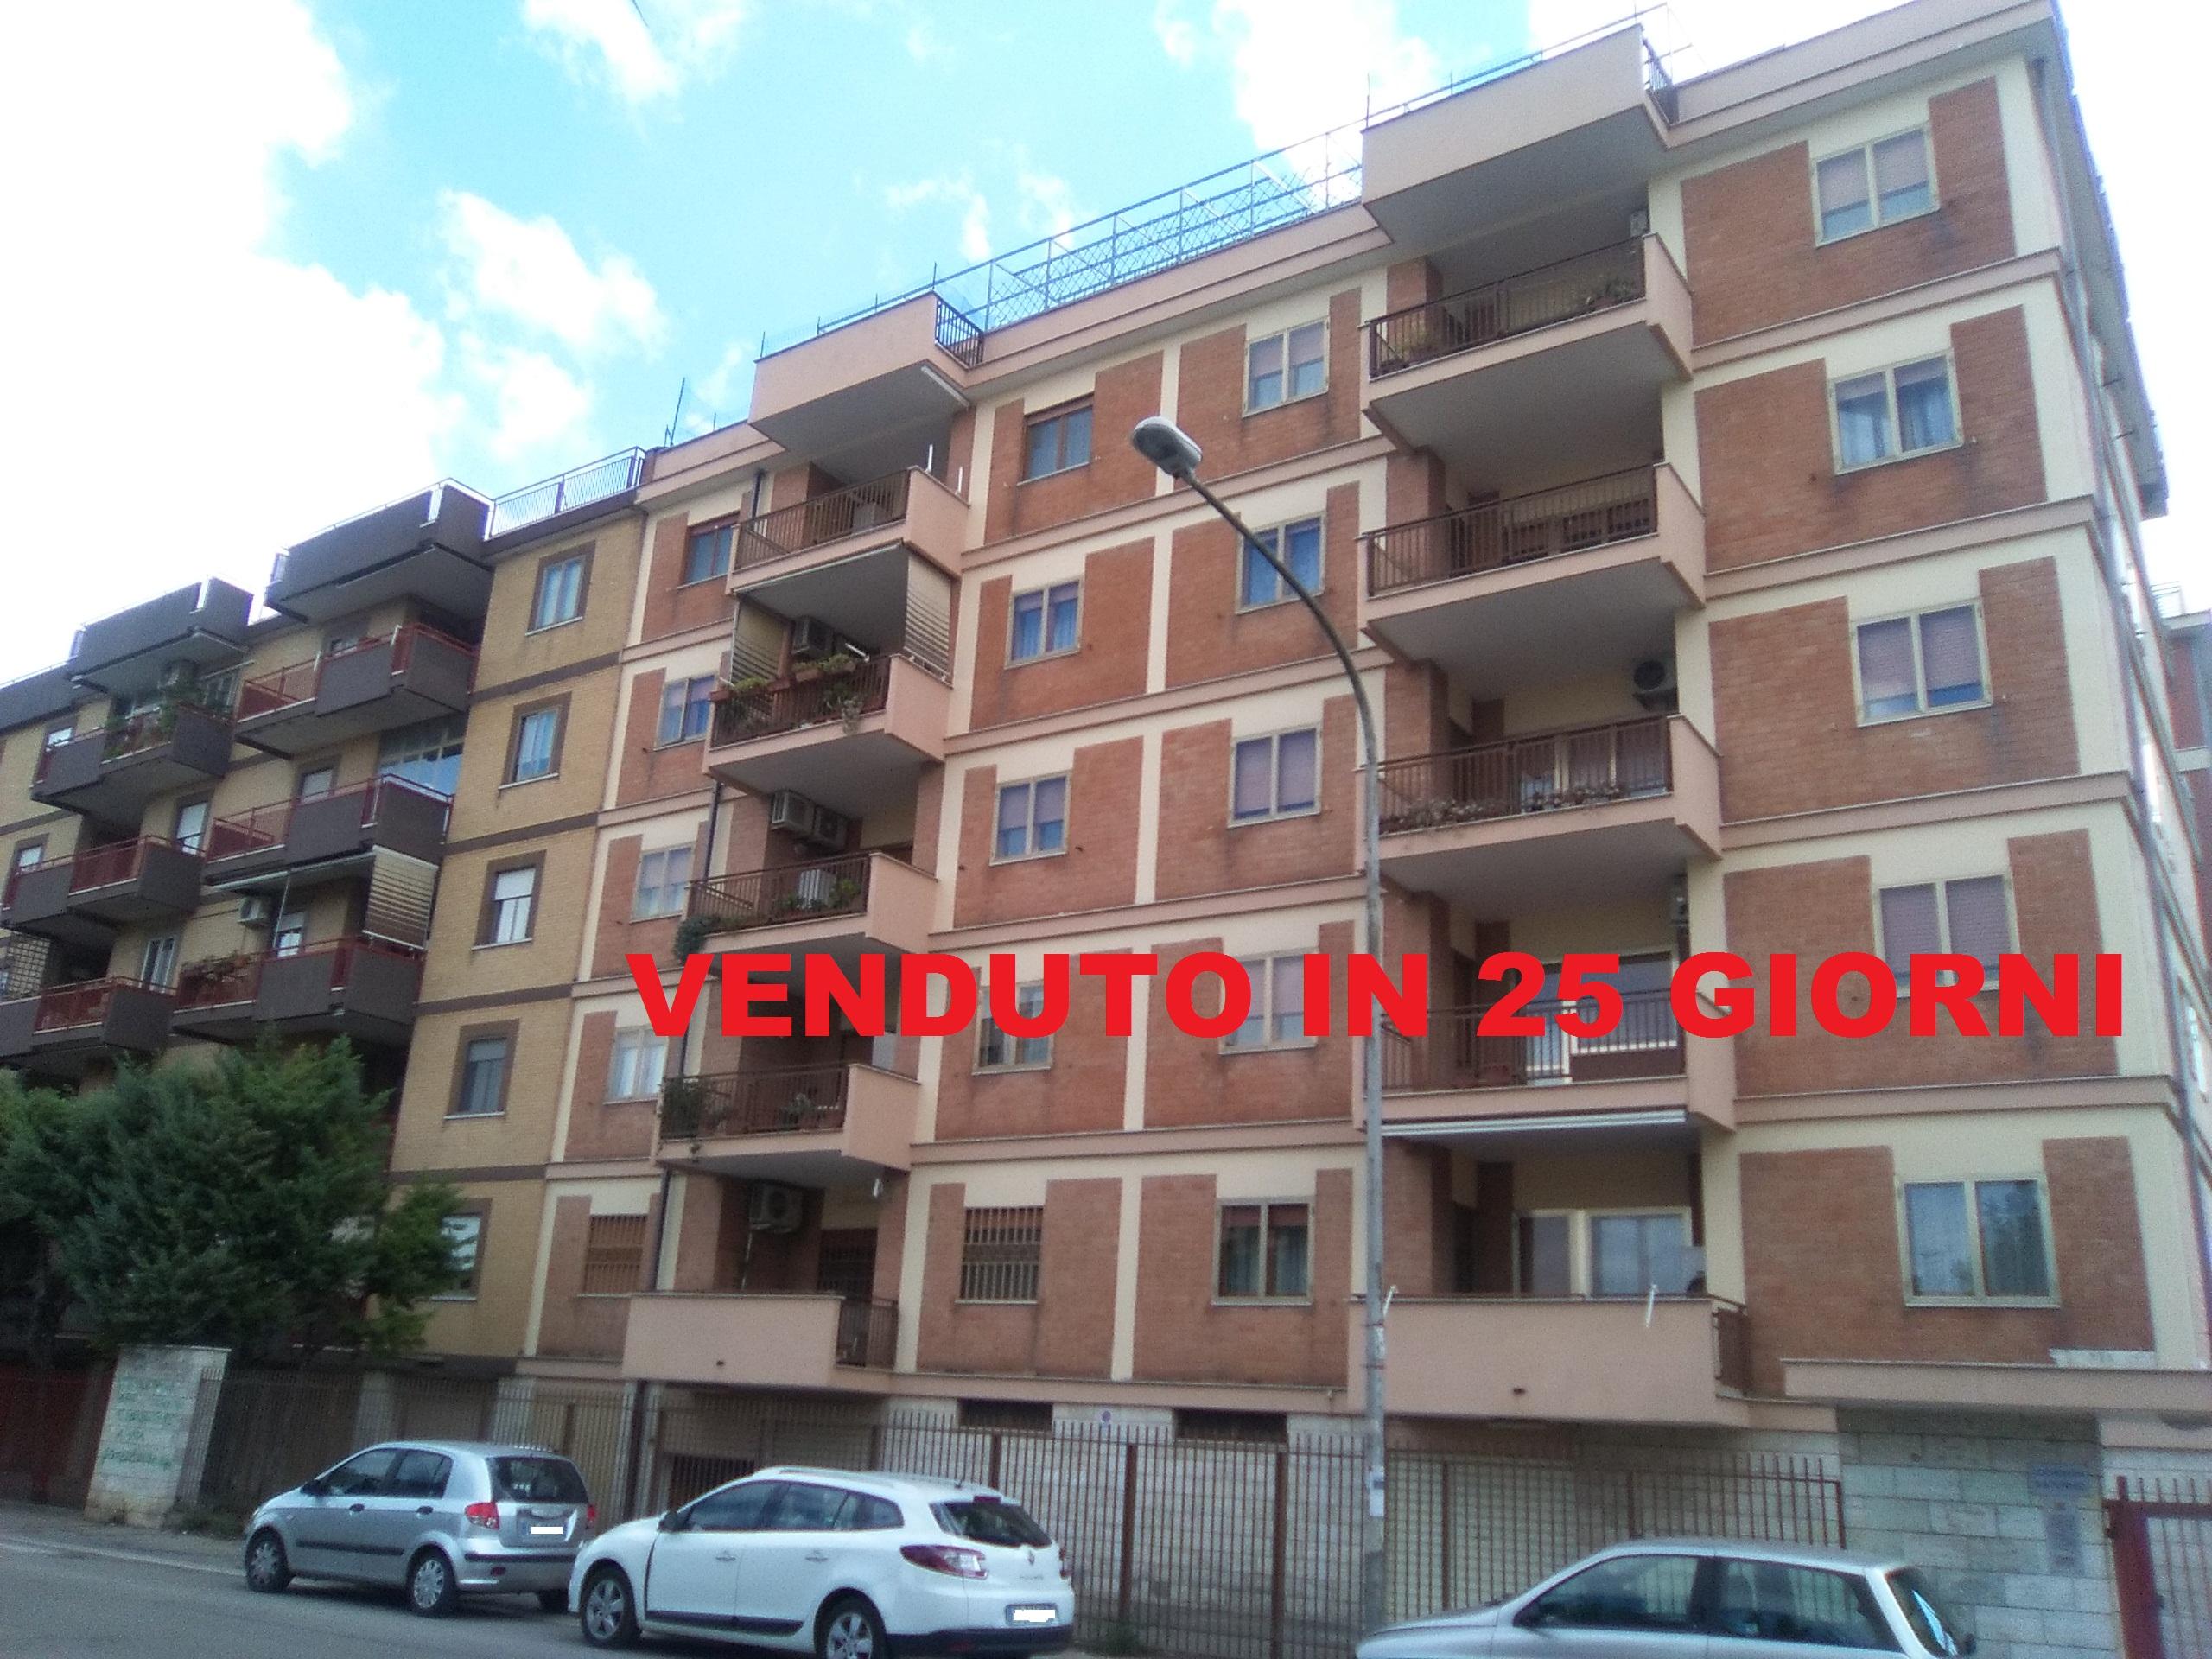 Foggia- Via L. Rovelli appartamento 5 vani doppi accessori e box